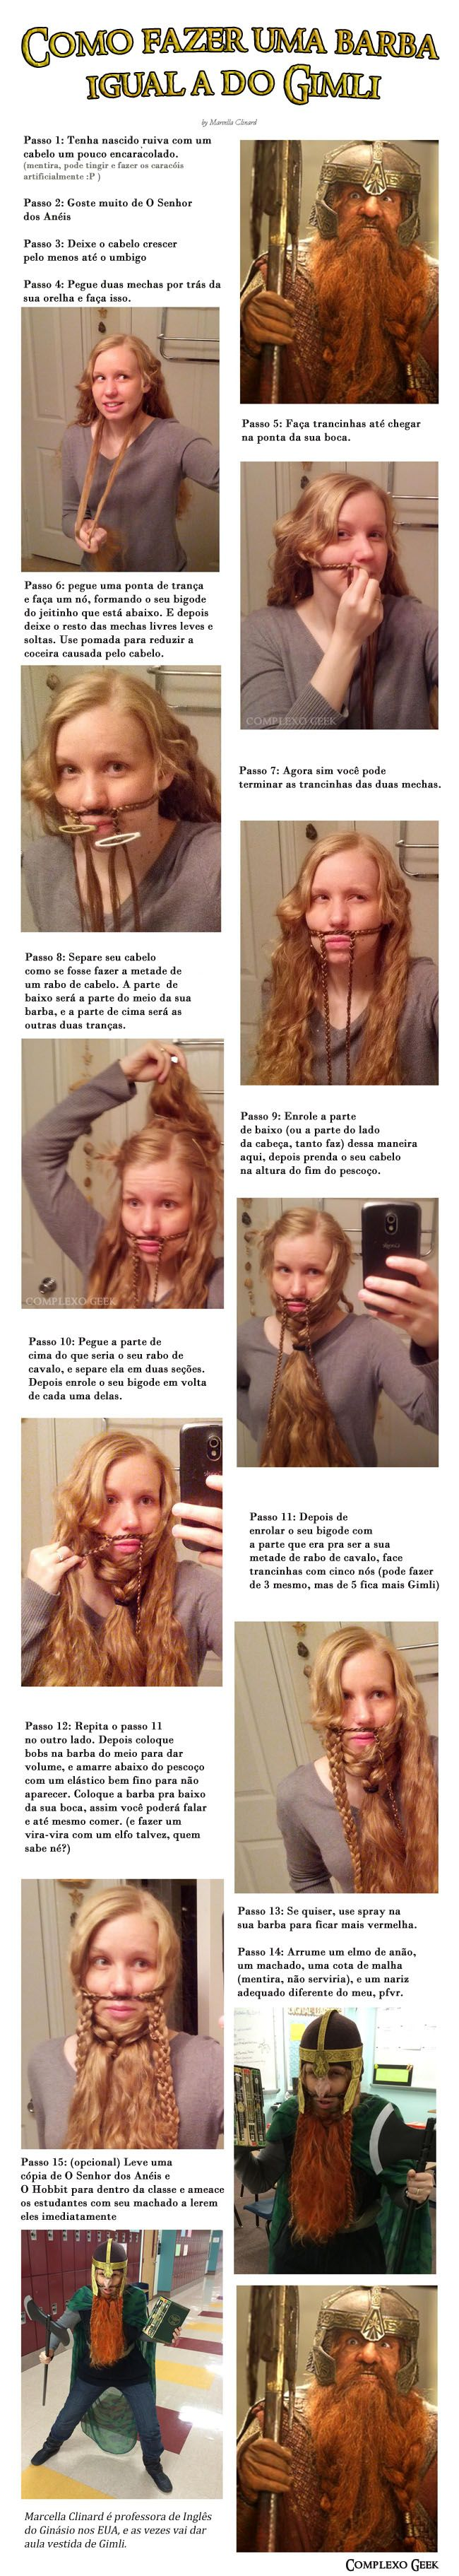 Como ter uma barba épica igual a do Gimli sendo mulher